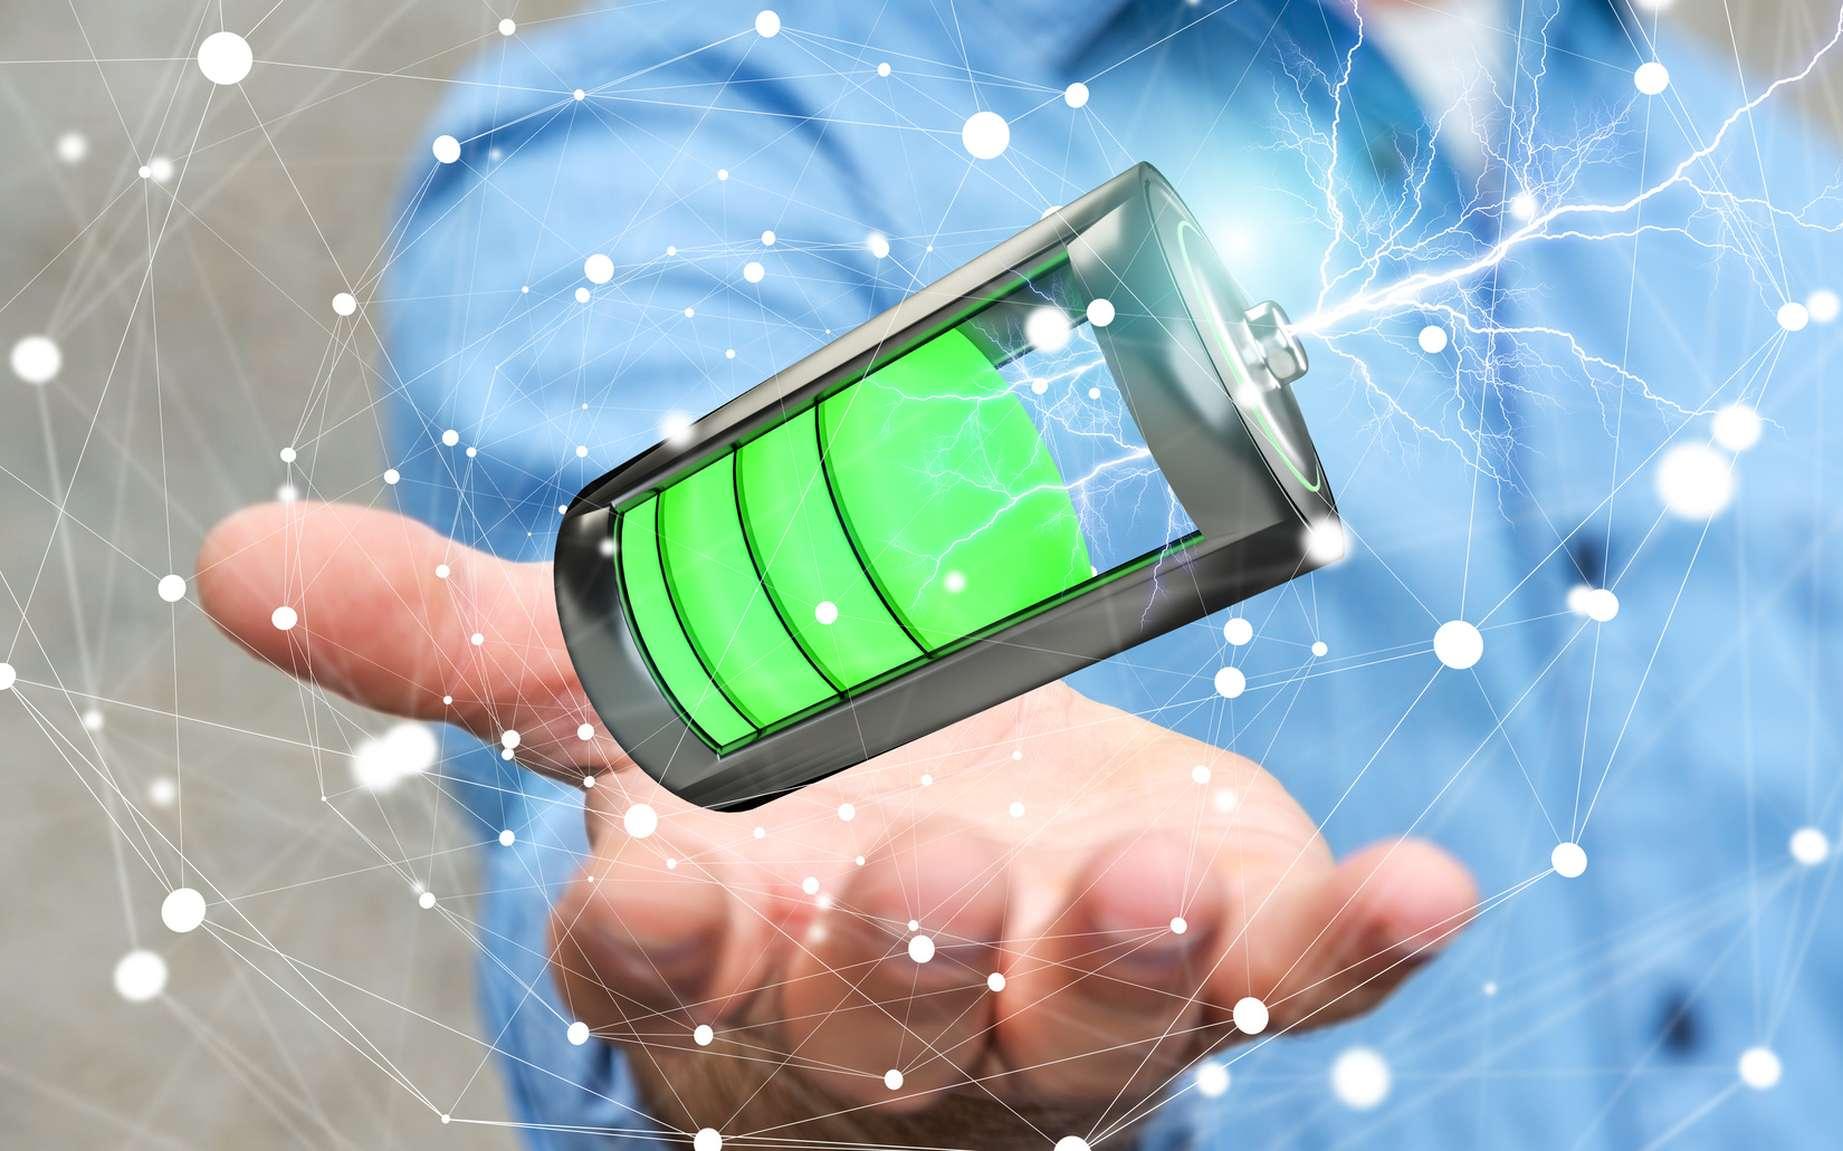 L'électrolyte solide à base de magnésium ouvre des perspectives prometteuses pour le développement d'une alternative aux batteries lithium-ion. © Sdecoret, Fotolia